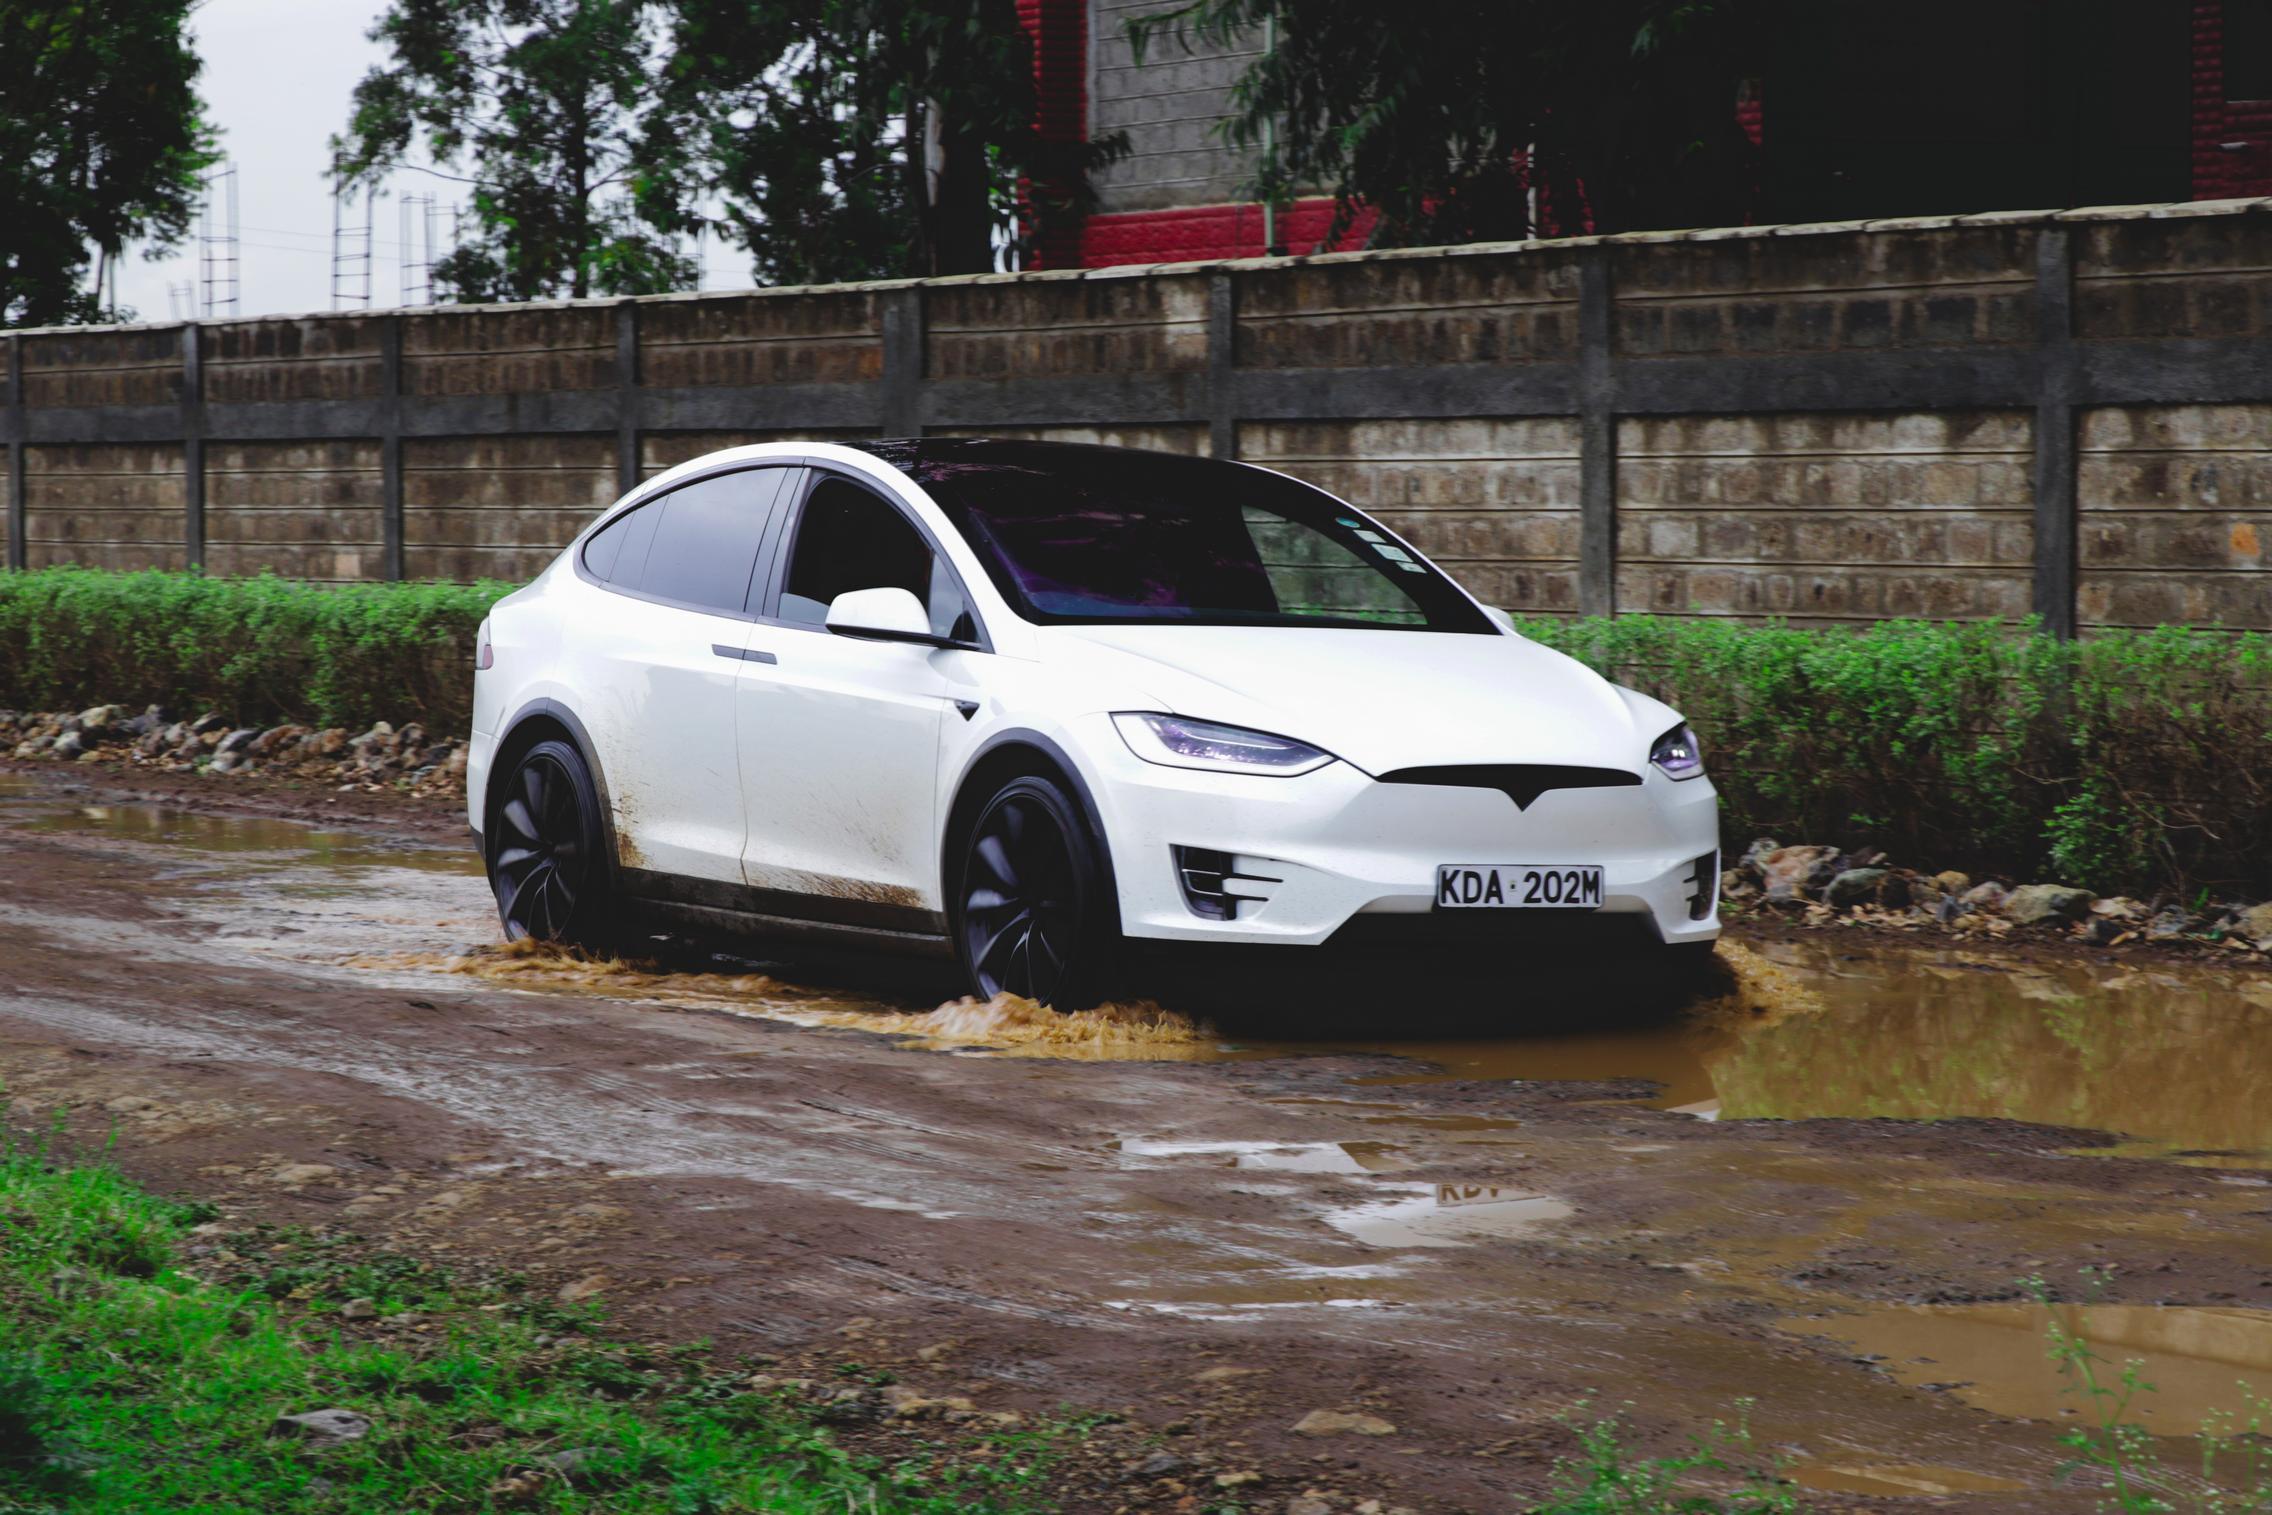 Telsa Model X driving in mud